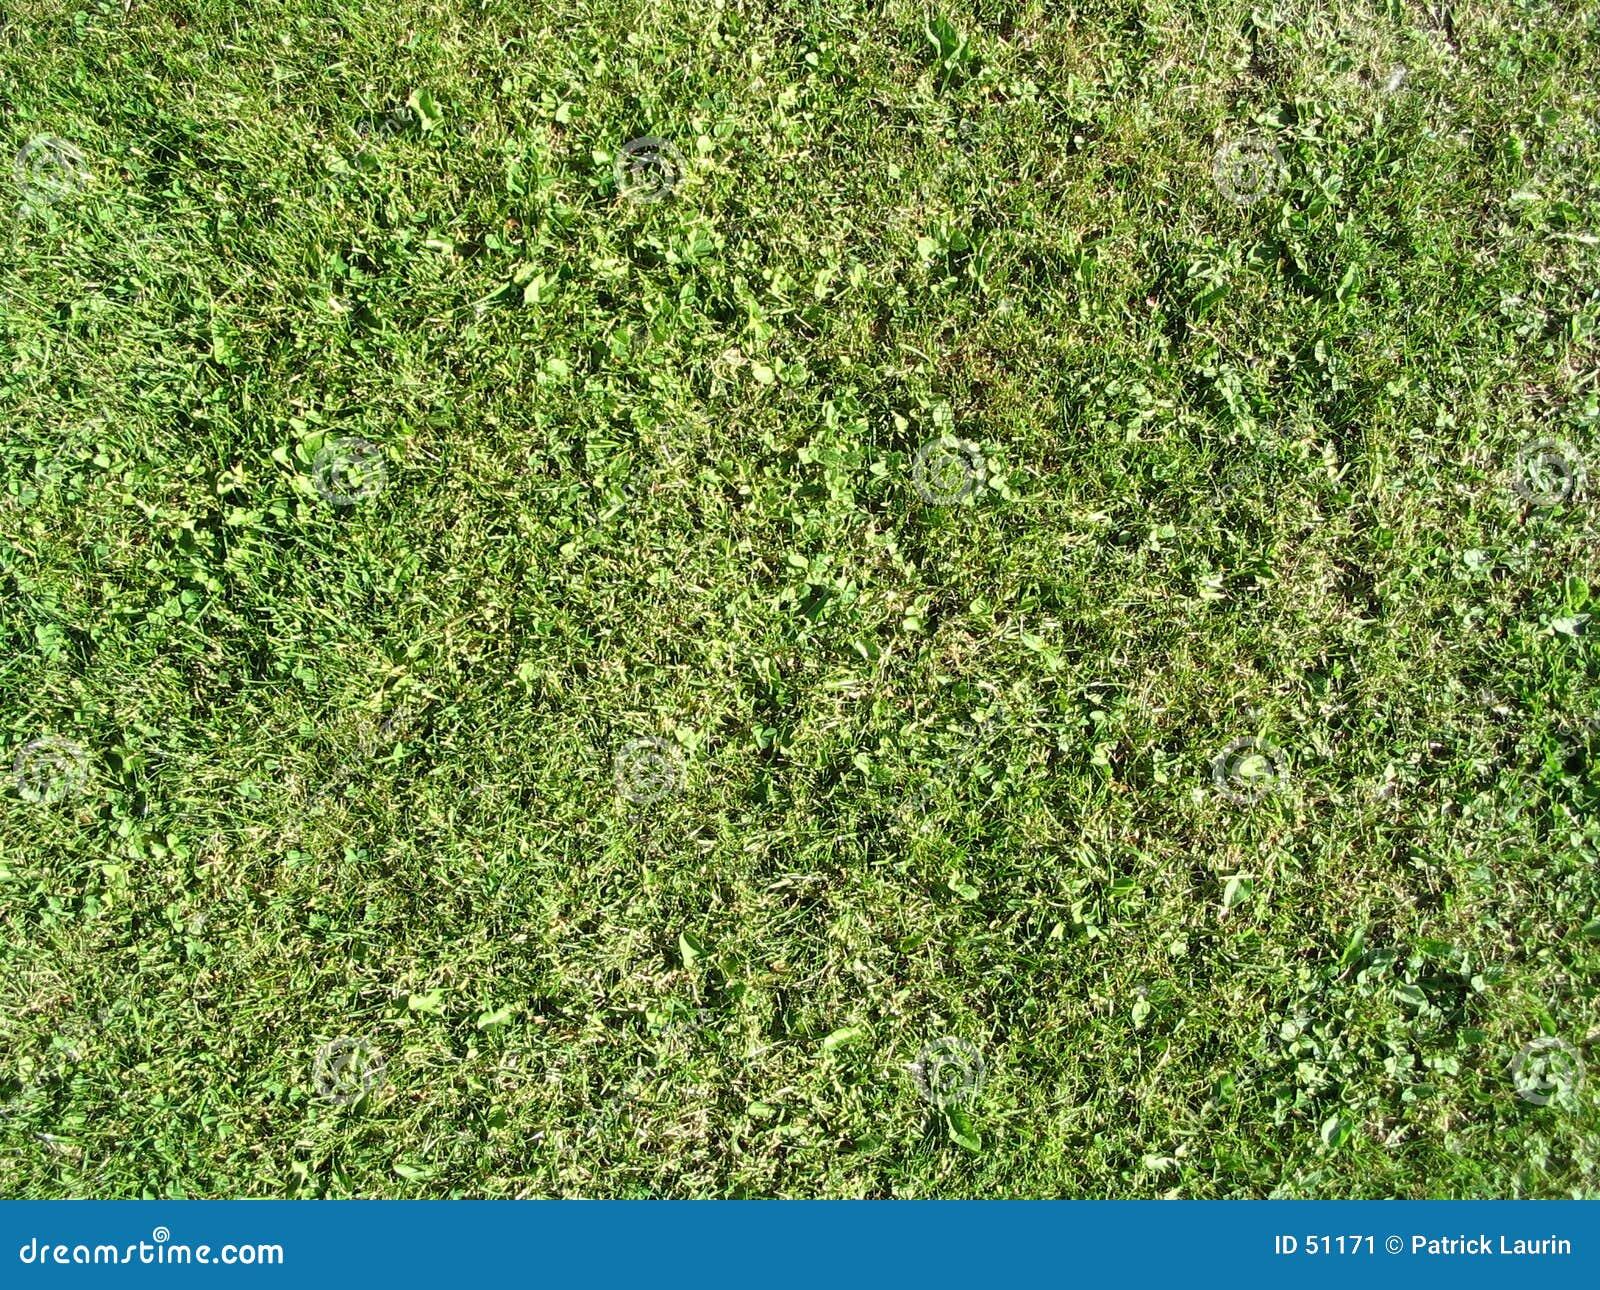 Download Herbe d'été image stock. Image du vert, nature, pelouse - 51171